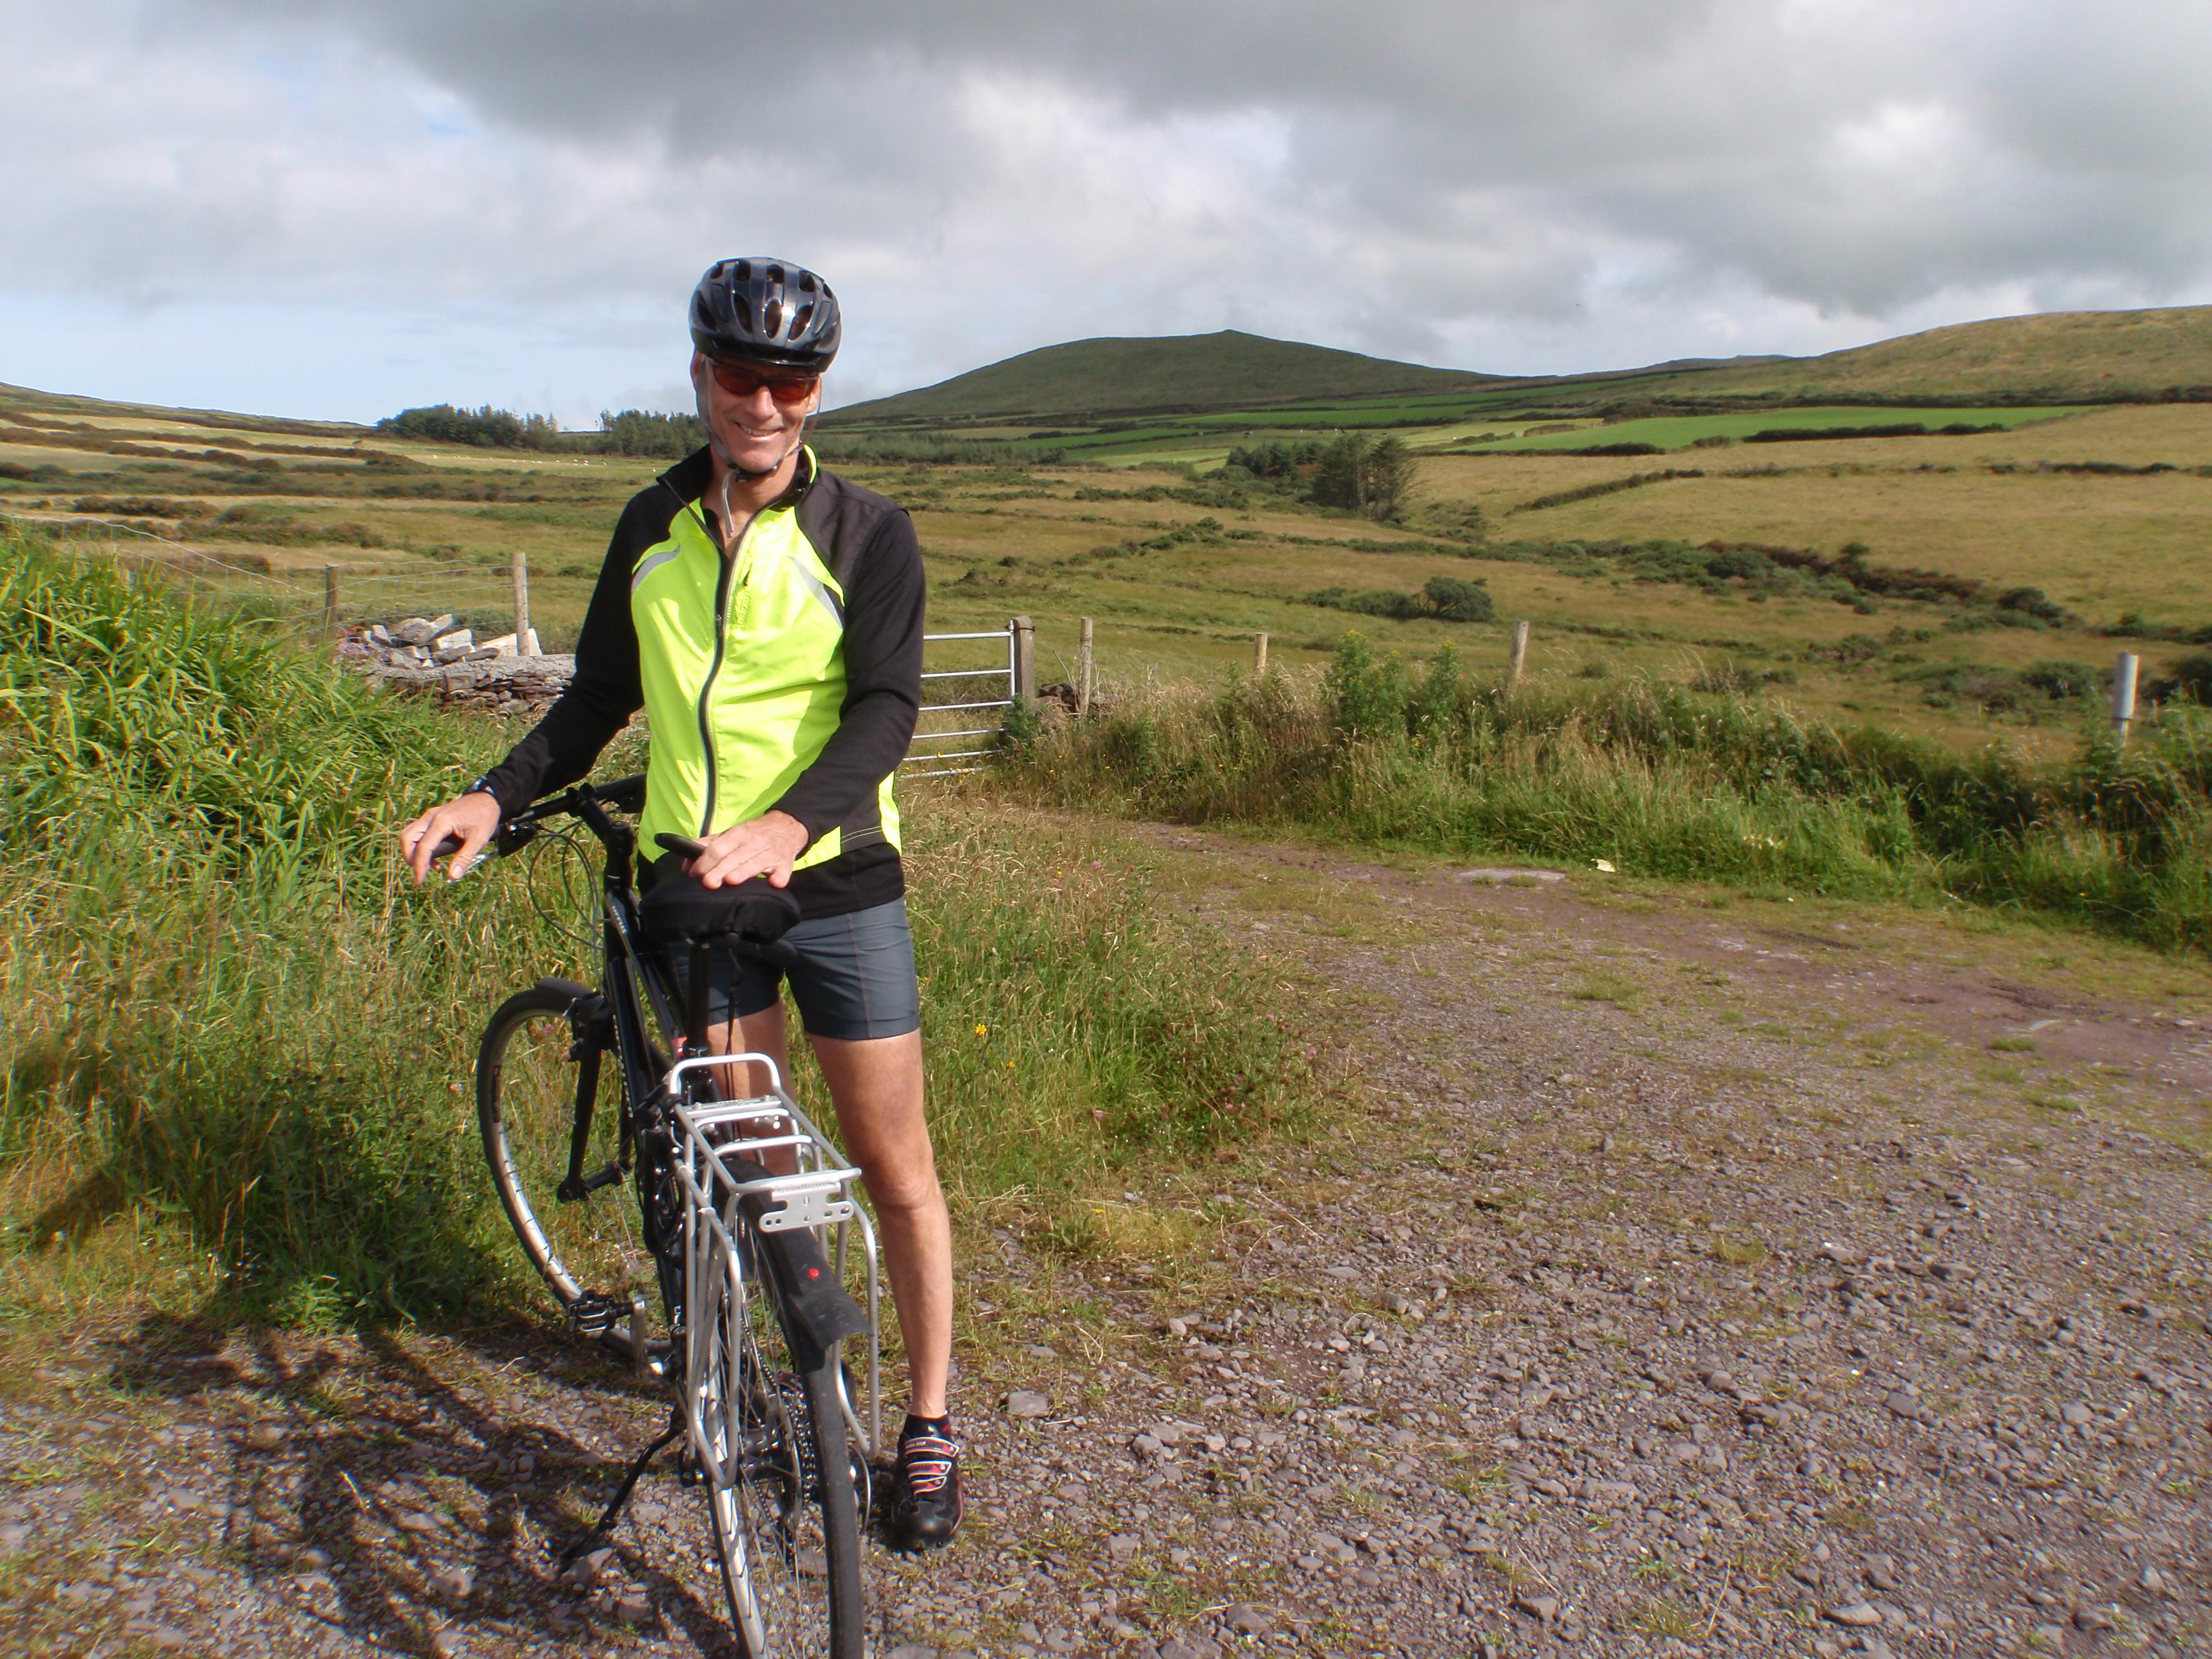 Dpk-irelandbike